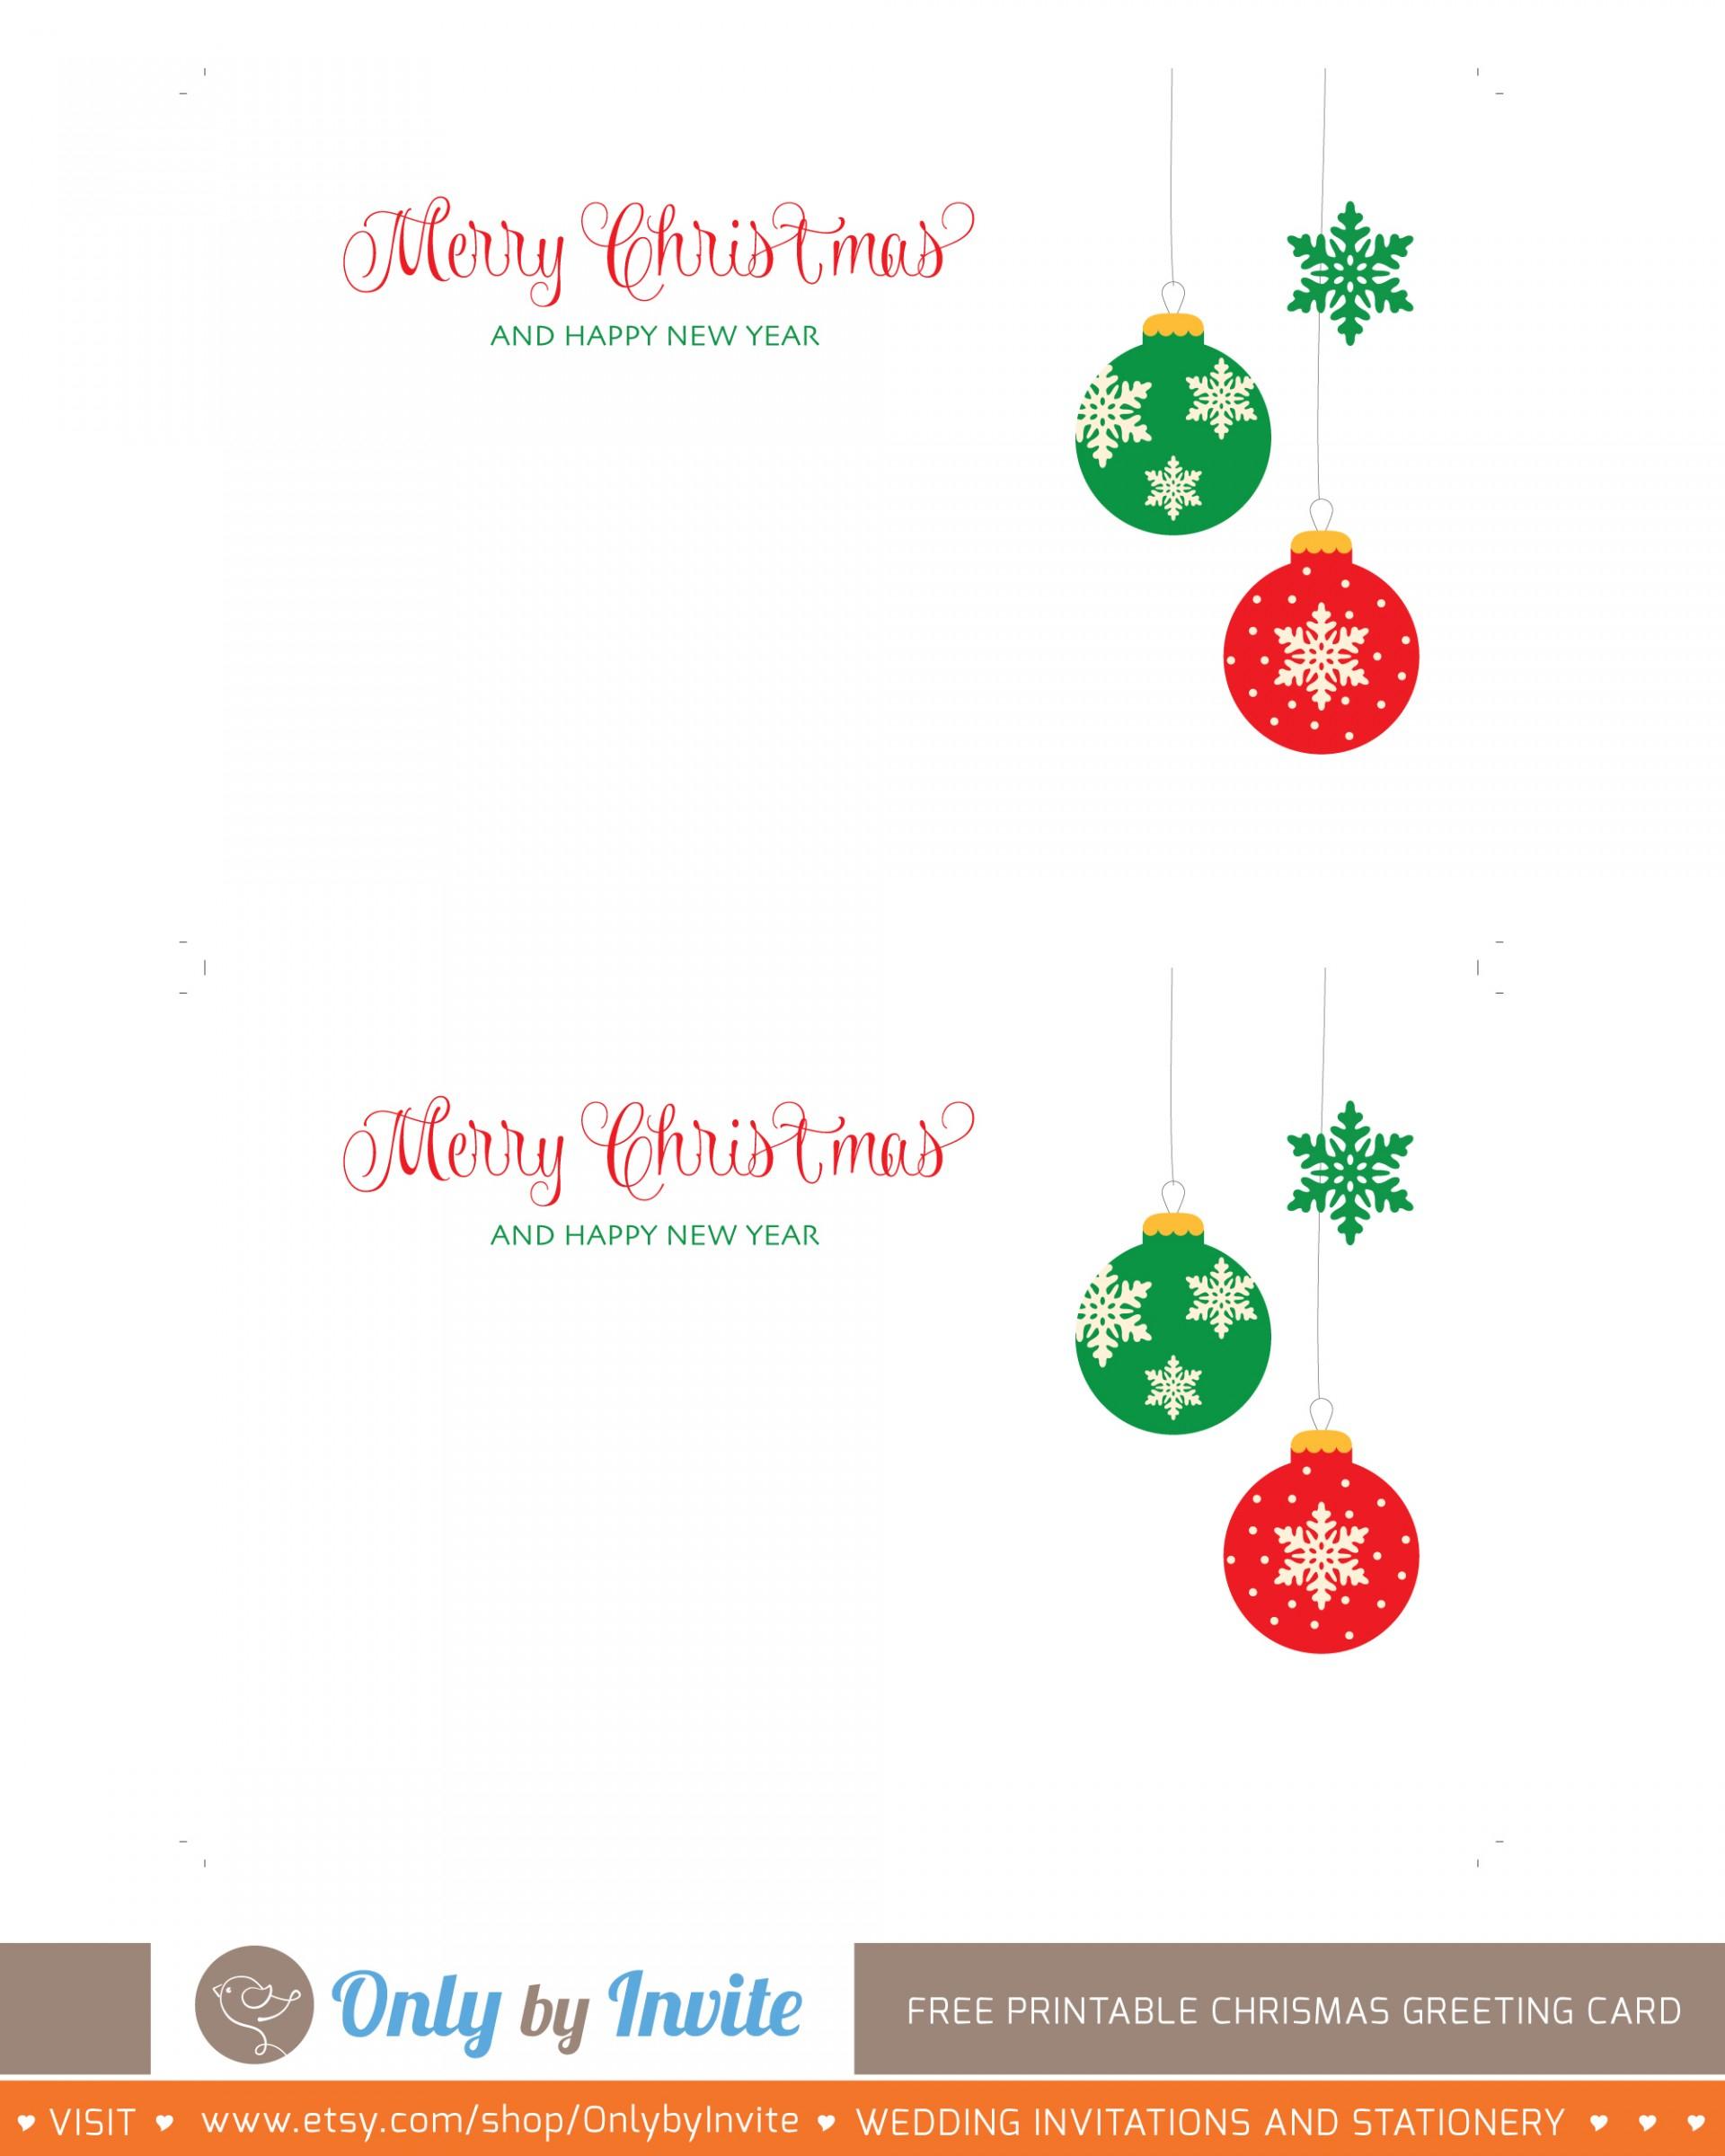 001 Free Printable Christmas Greeting Card Template Ideas ~ Ulyssesroom - Free Printable Christmas Card Templates